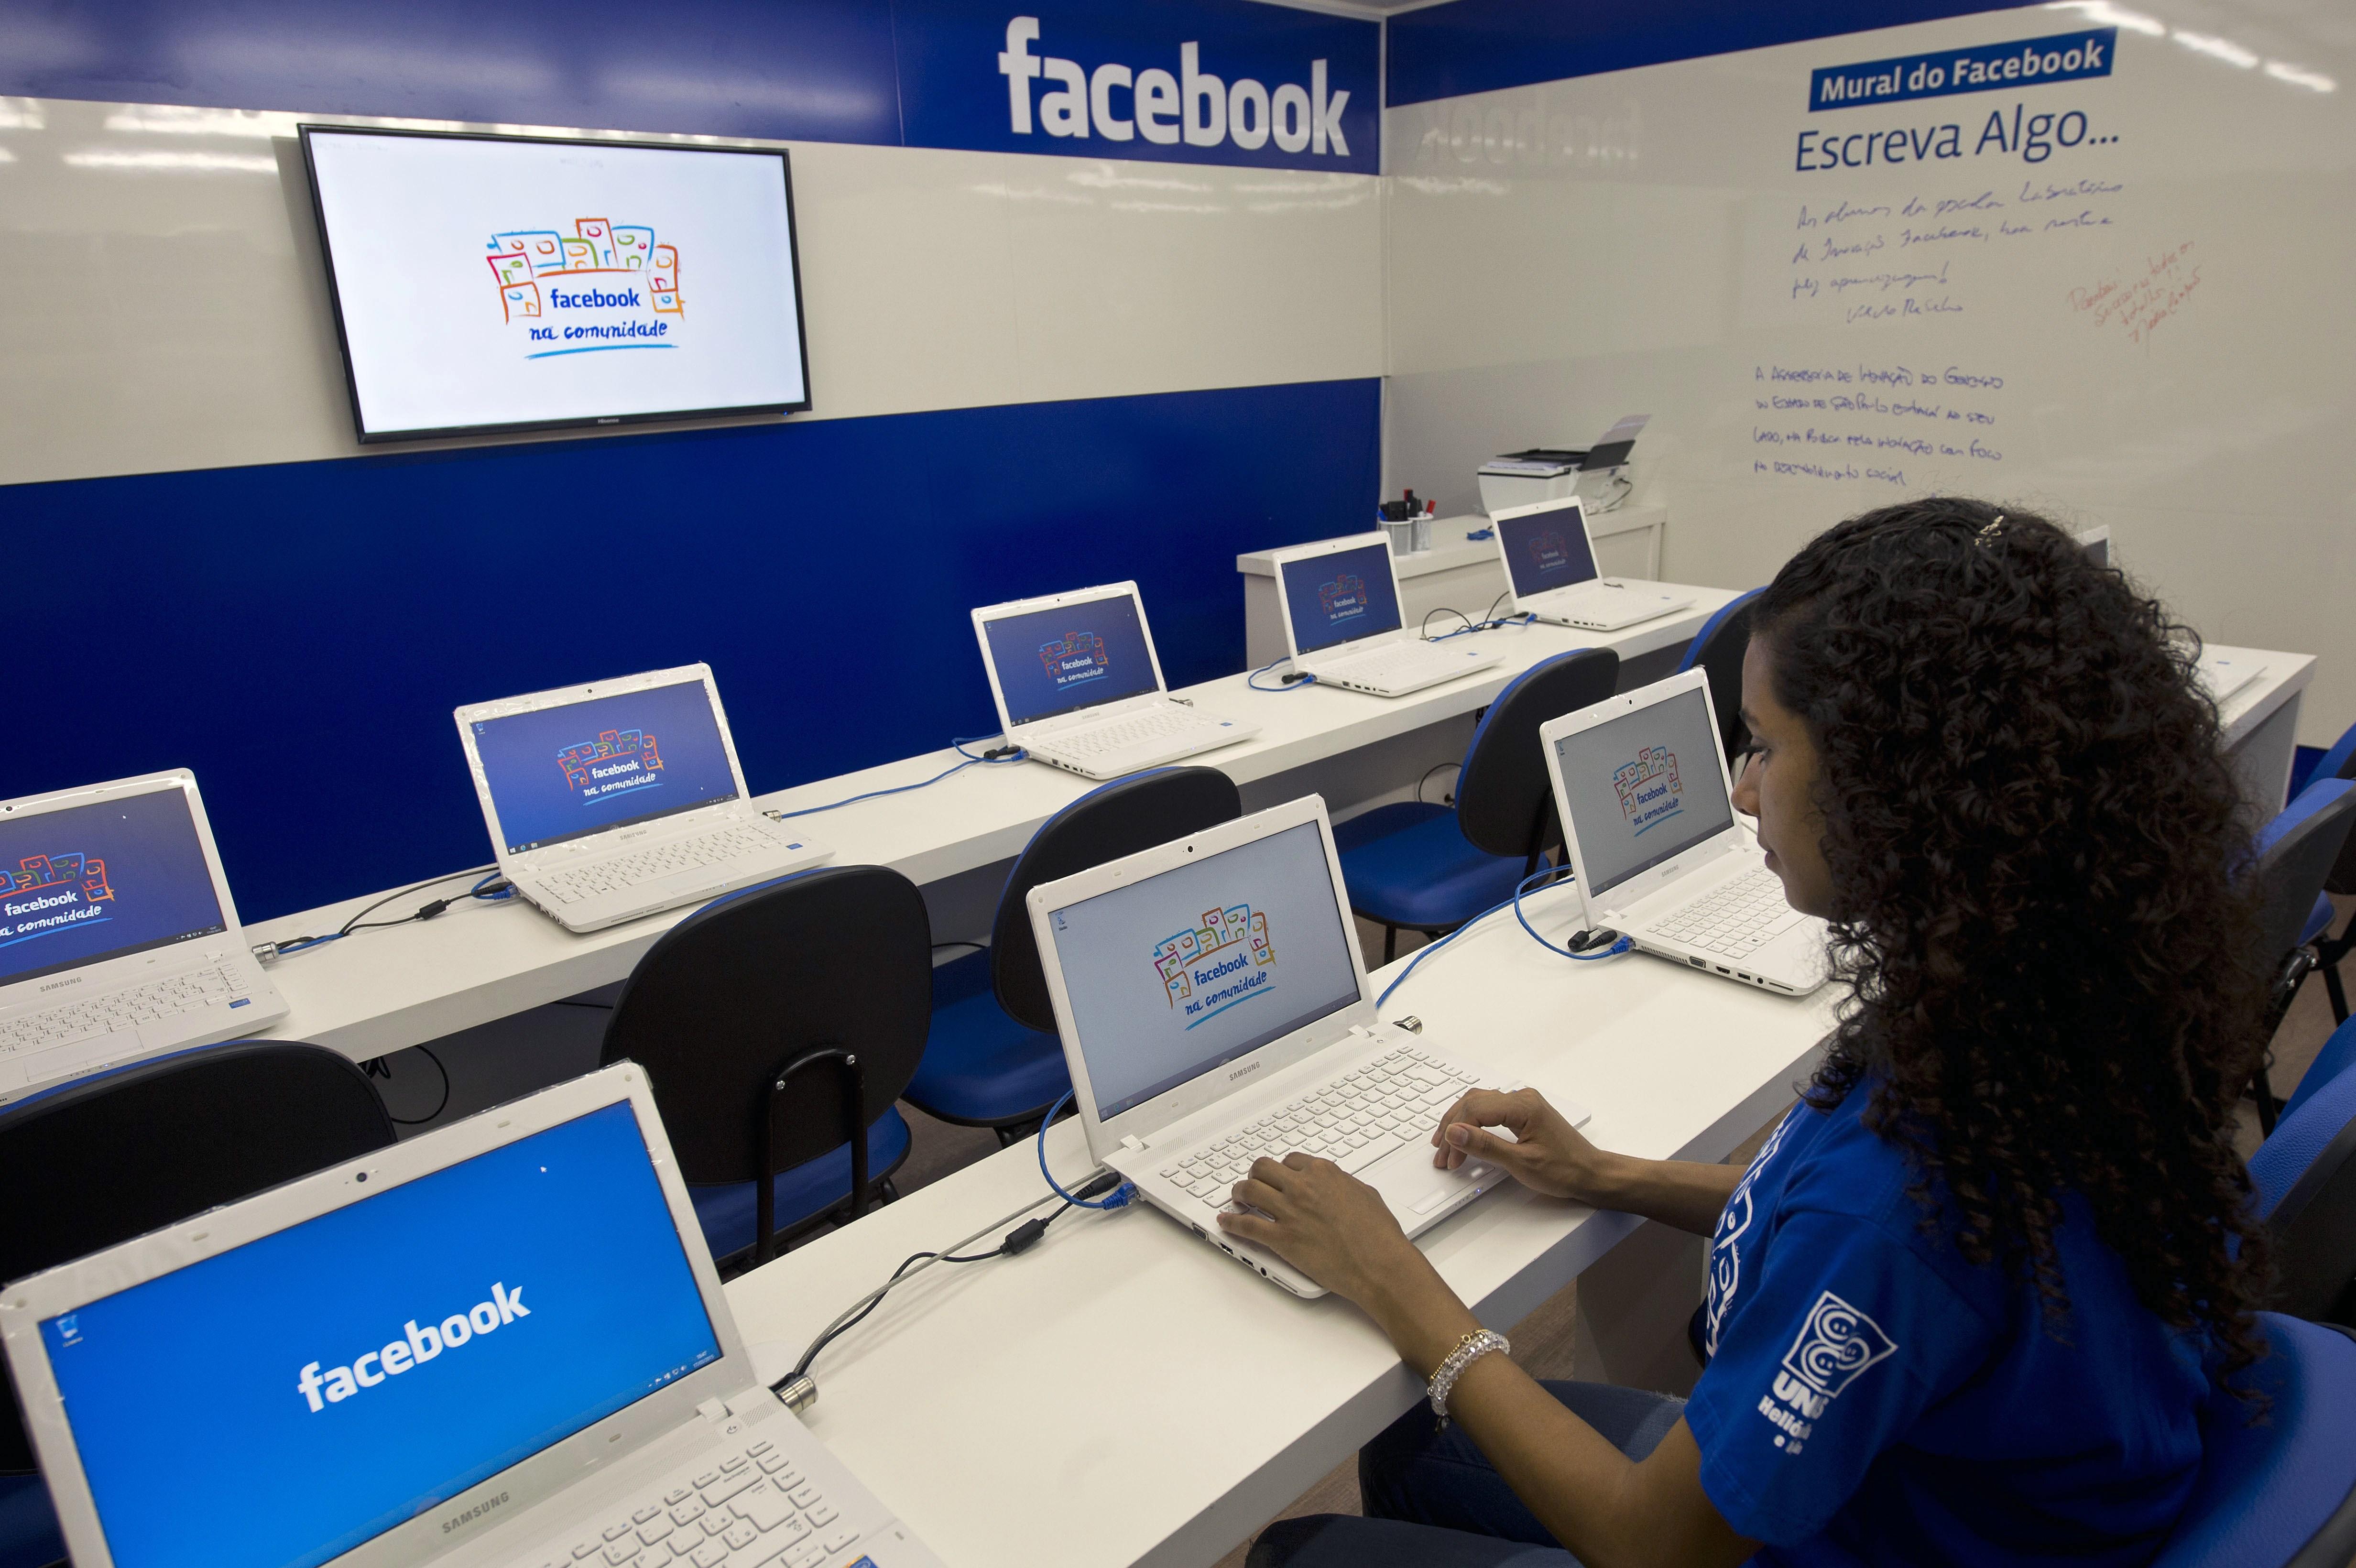 BRAZIL-TECHNOLOGY-INTERNET-FACEBOOK